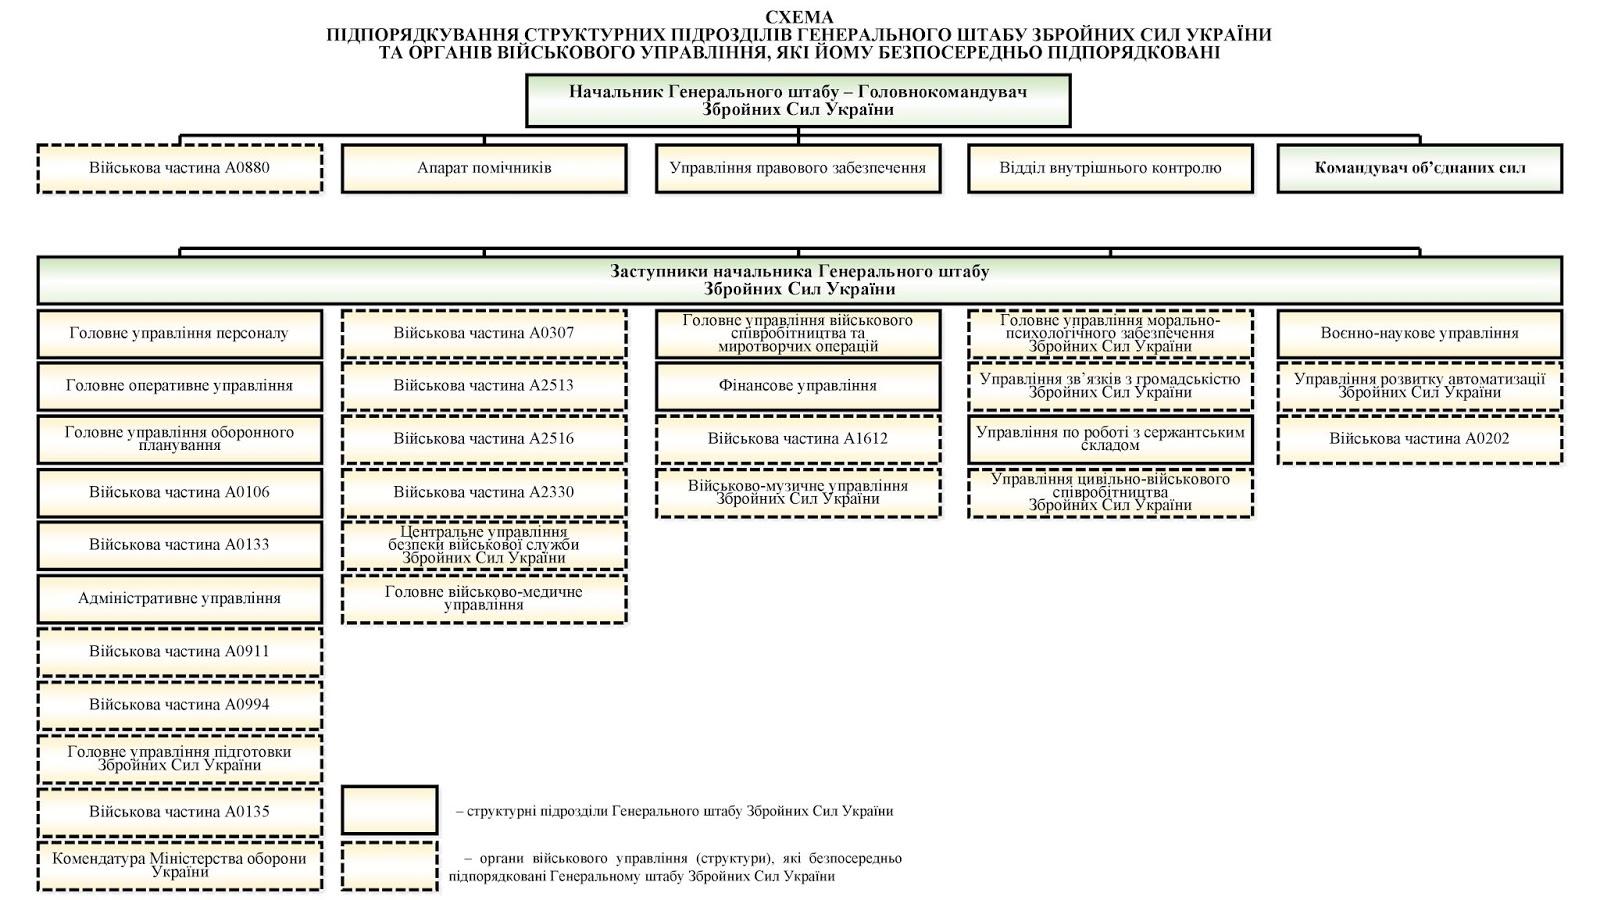 Схема Генерального штабу та підпорядкування органів військового управління